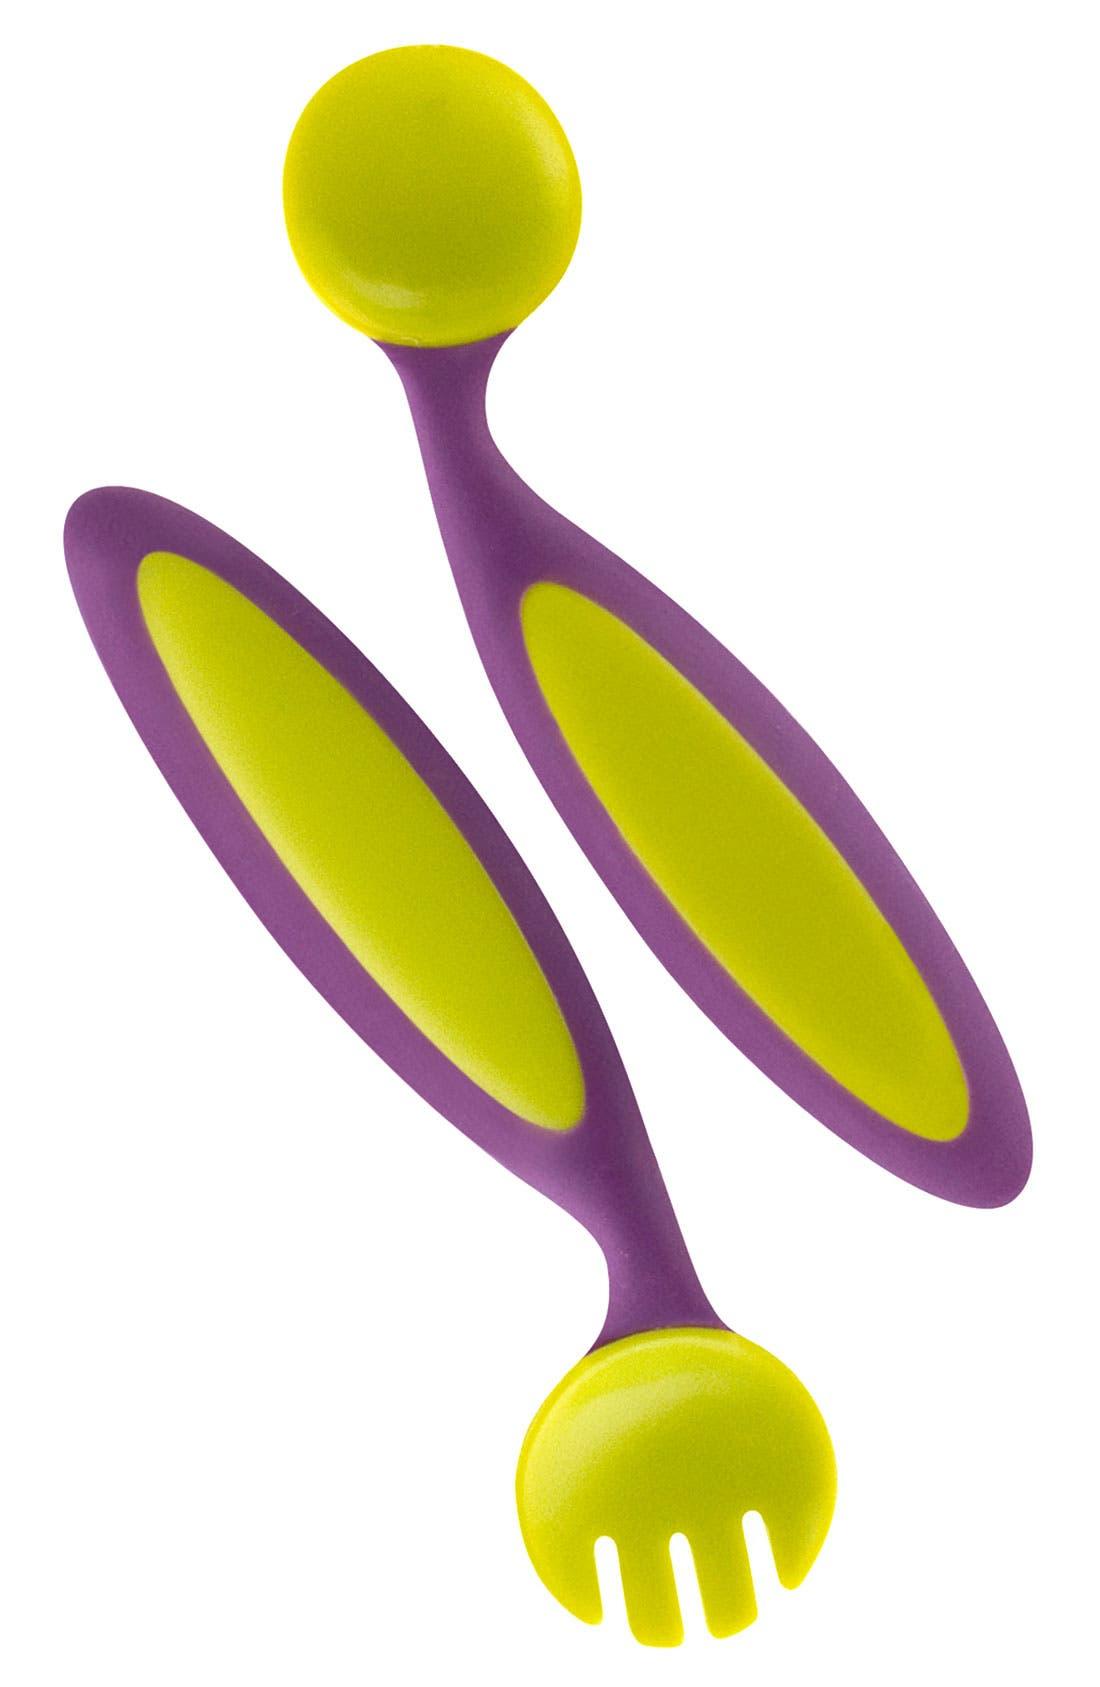 Alternate Image 1 Selected - Boon 'Benders' Adaptable Utensils